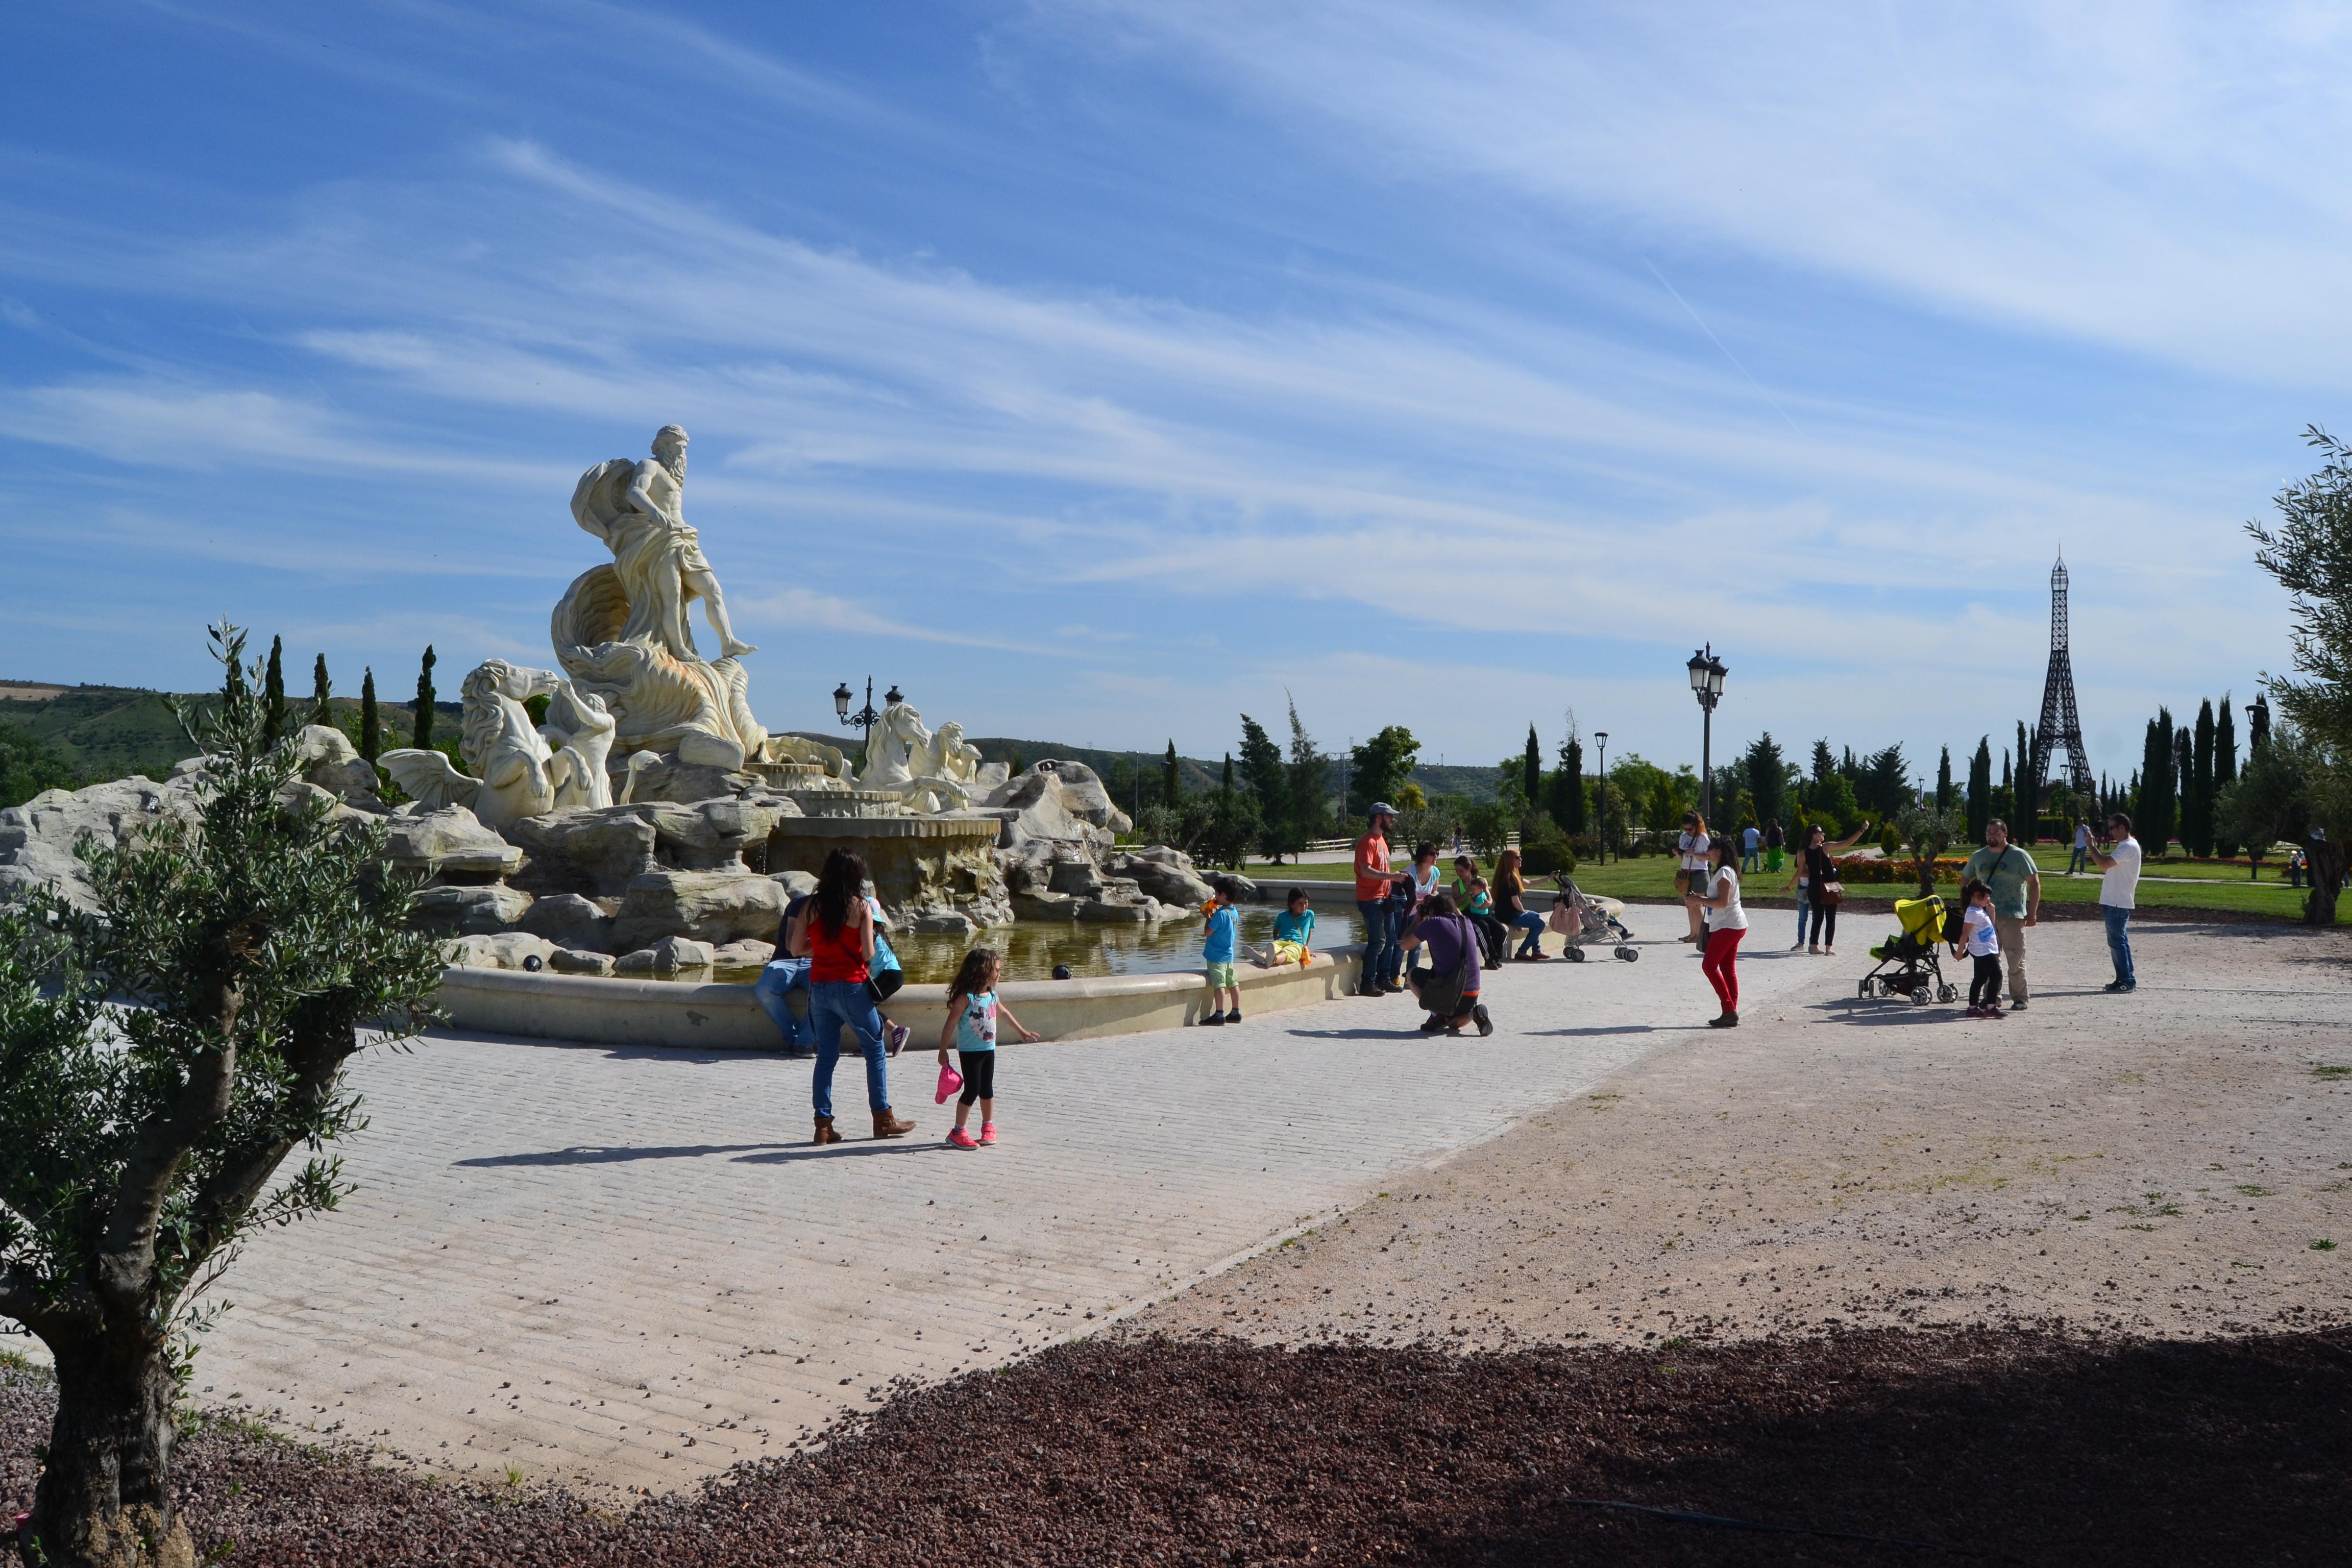 Réplica de la Fontana de Trevi y la de la Torre Eiffel al fondo | Ⓒ Marta R. Suárez